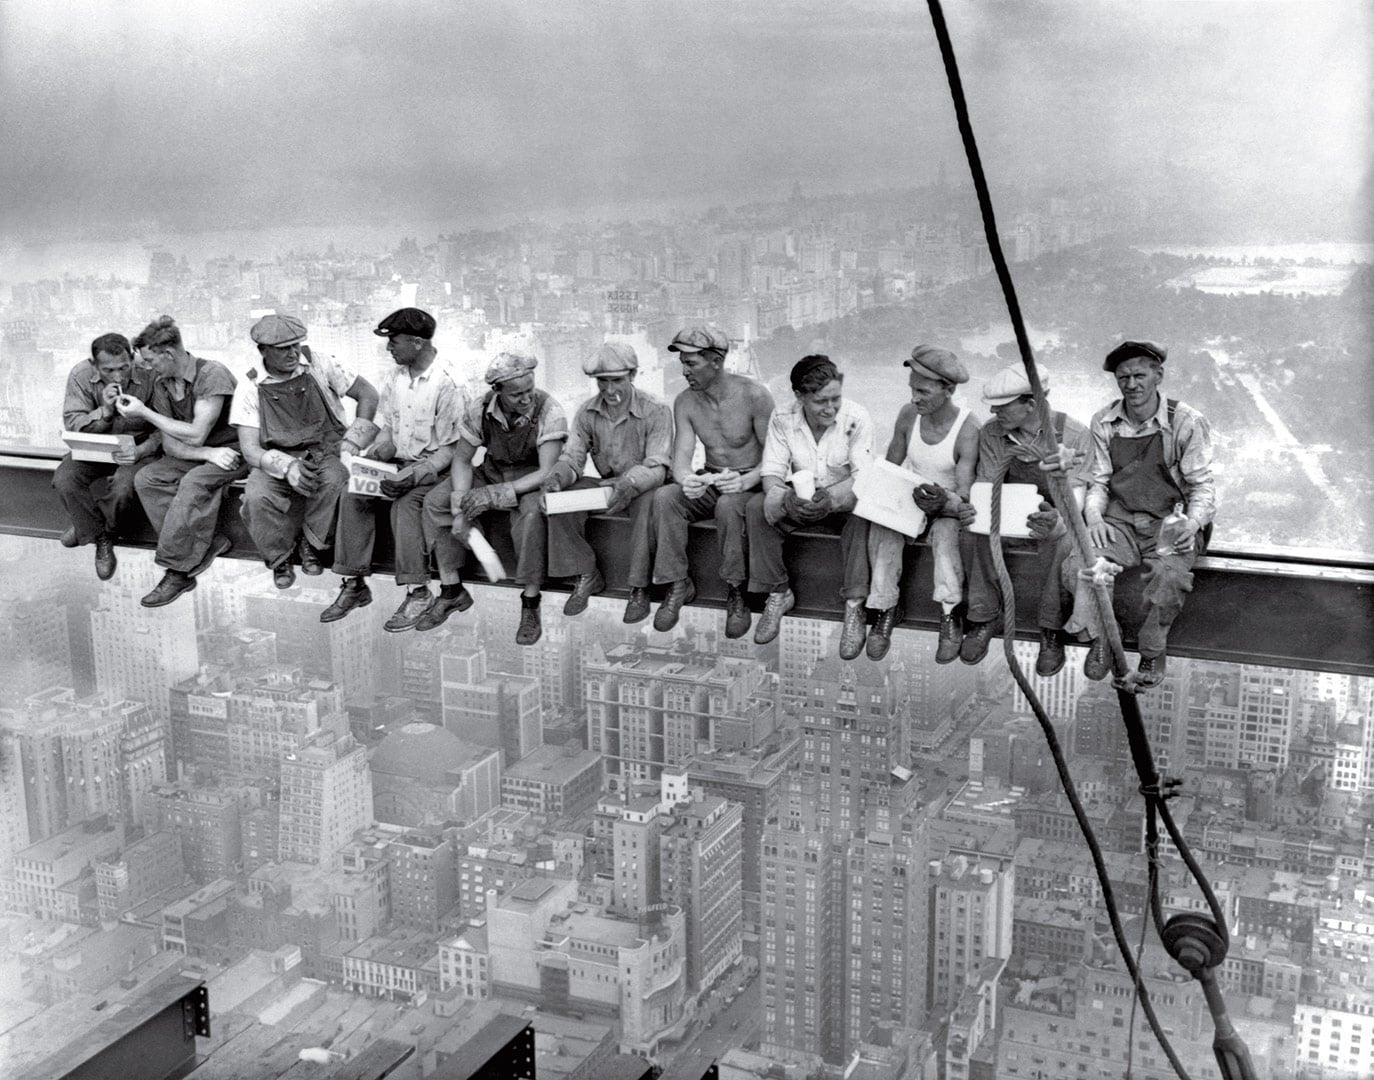 Anonimo, Lunch atop a skyscraper, 1932